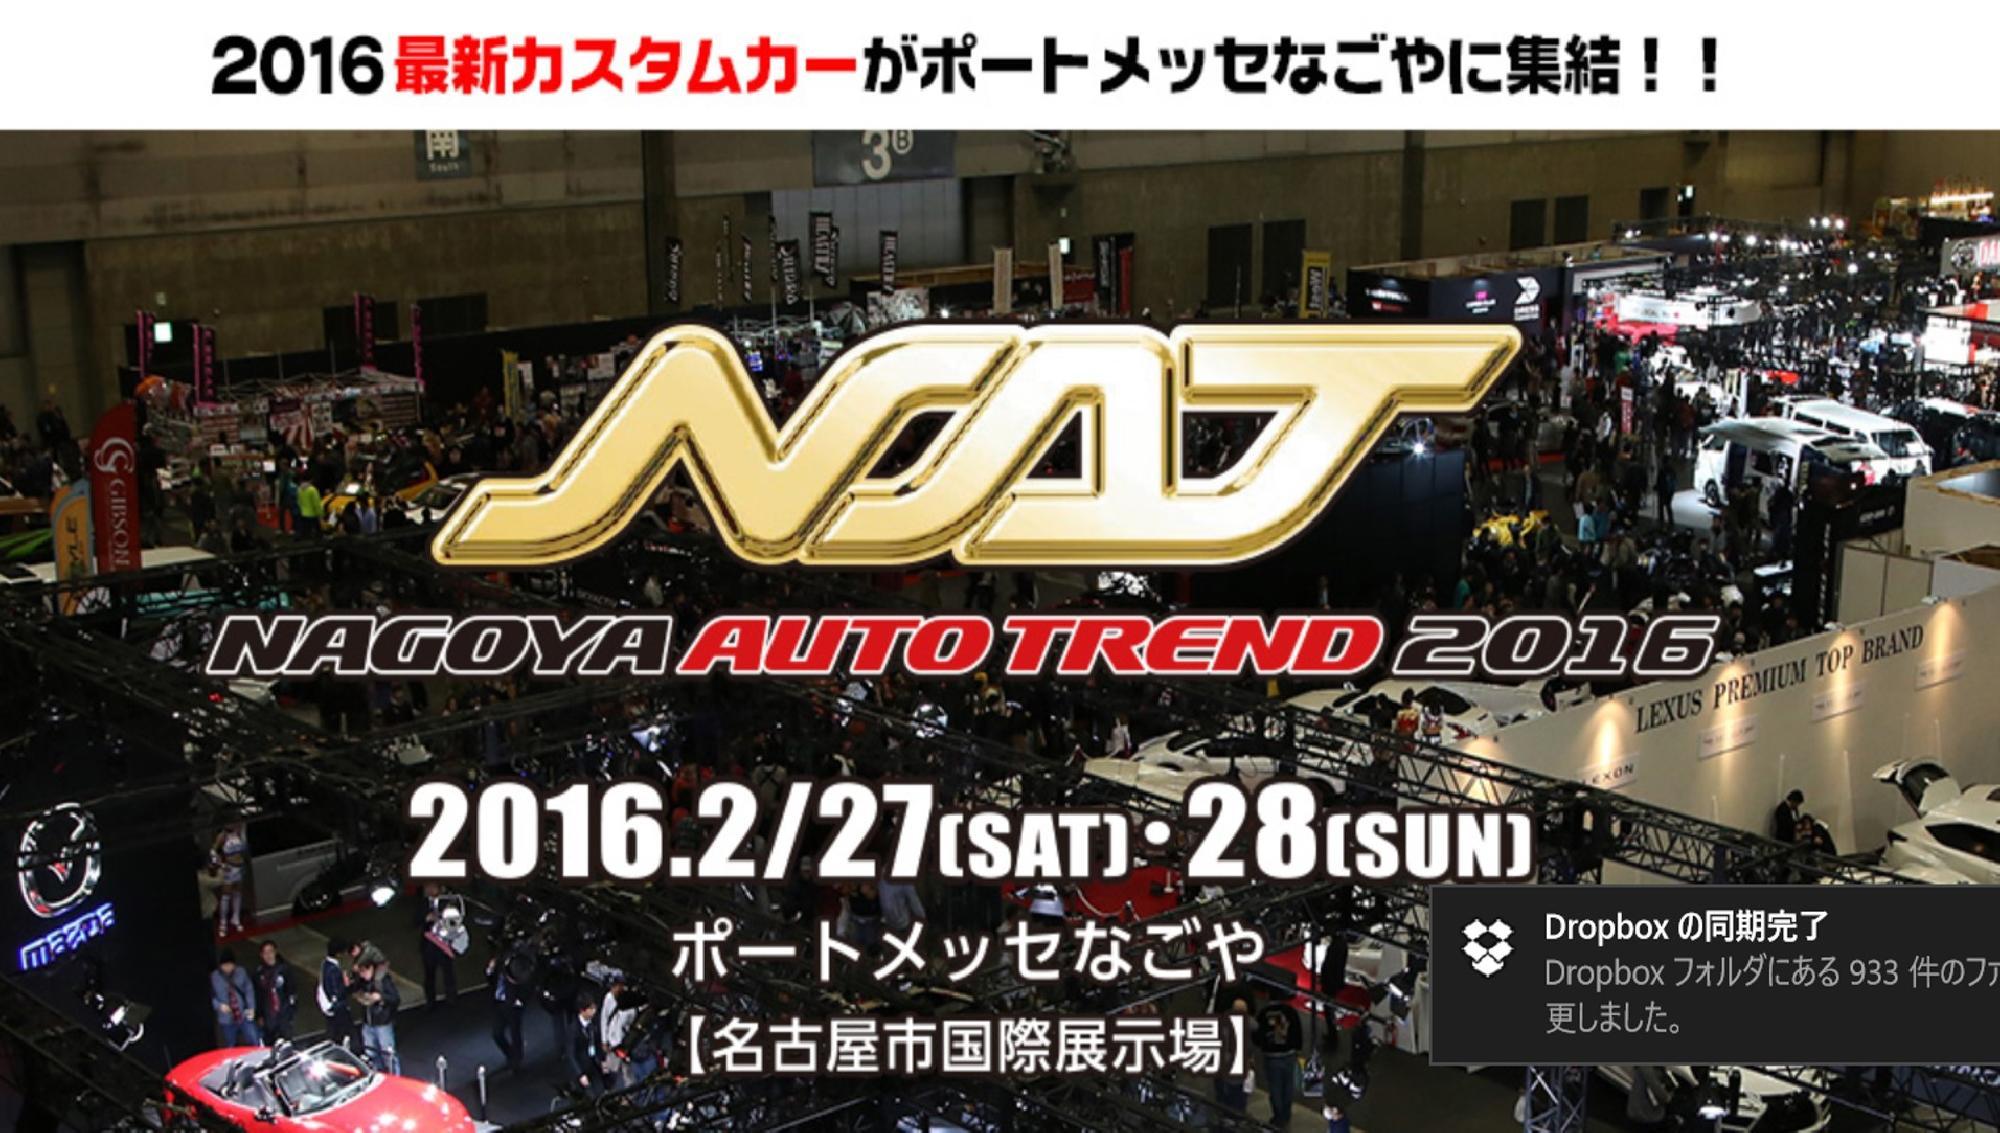 2016/02/27 00:00:00 名古屋オートトレンド開催中!BodyLine出展!!!